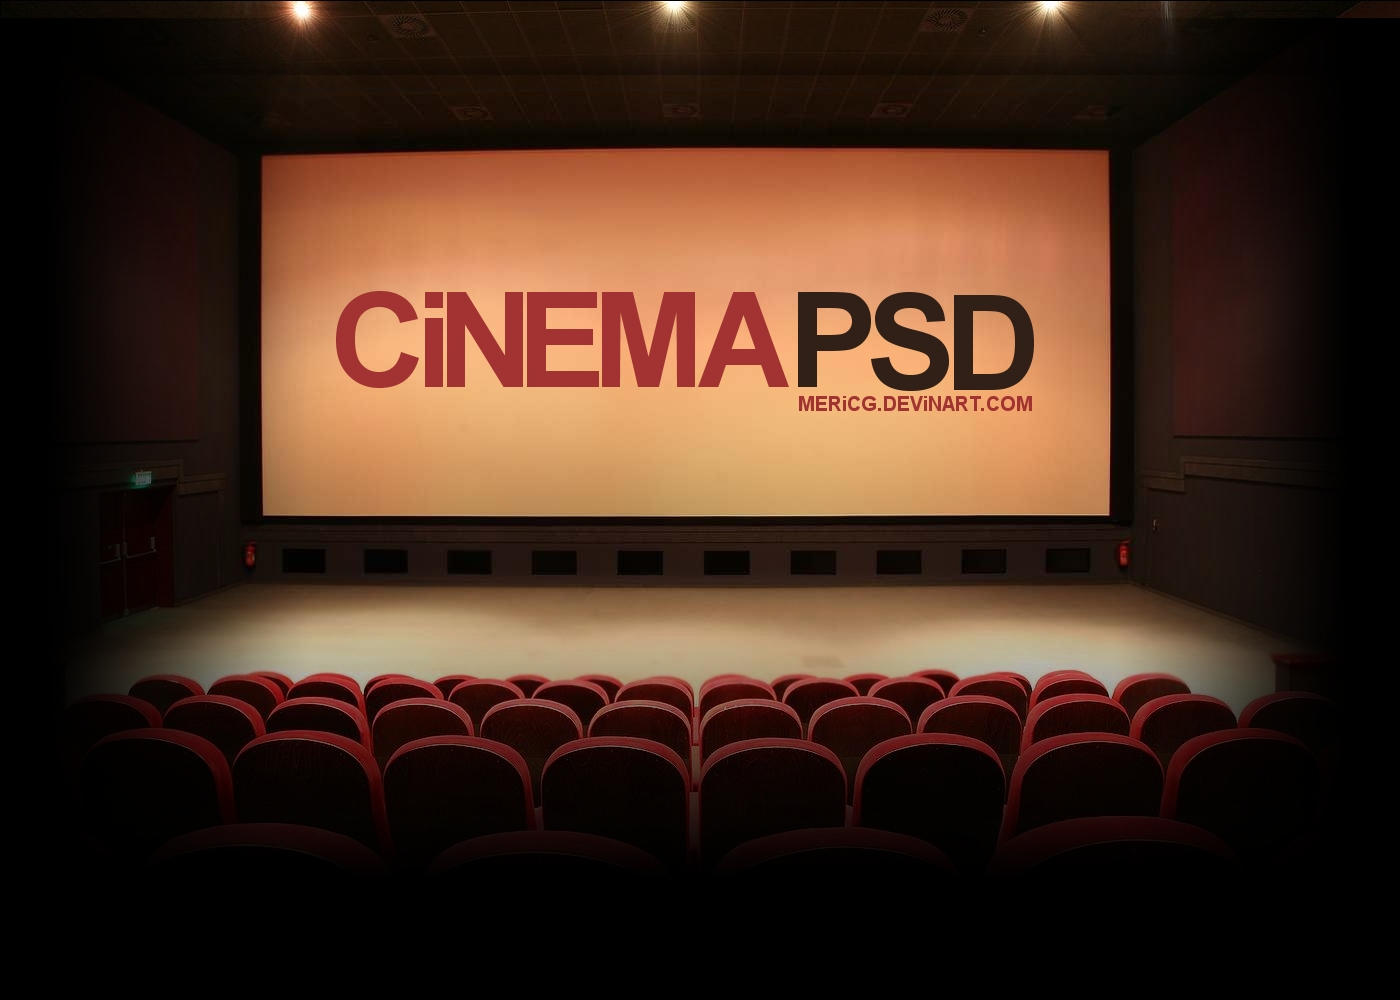 Cinema PSD by MericG